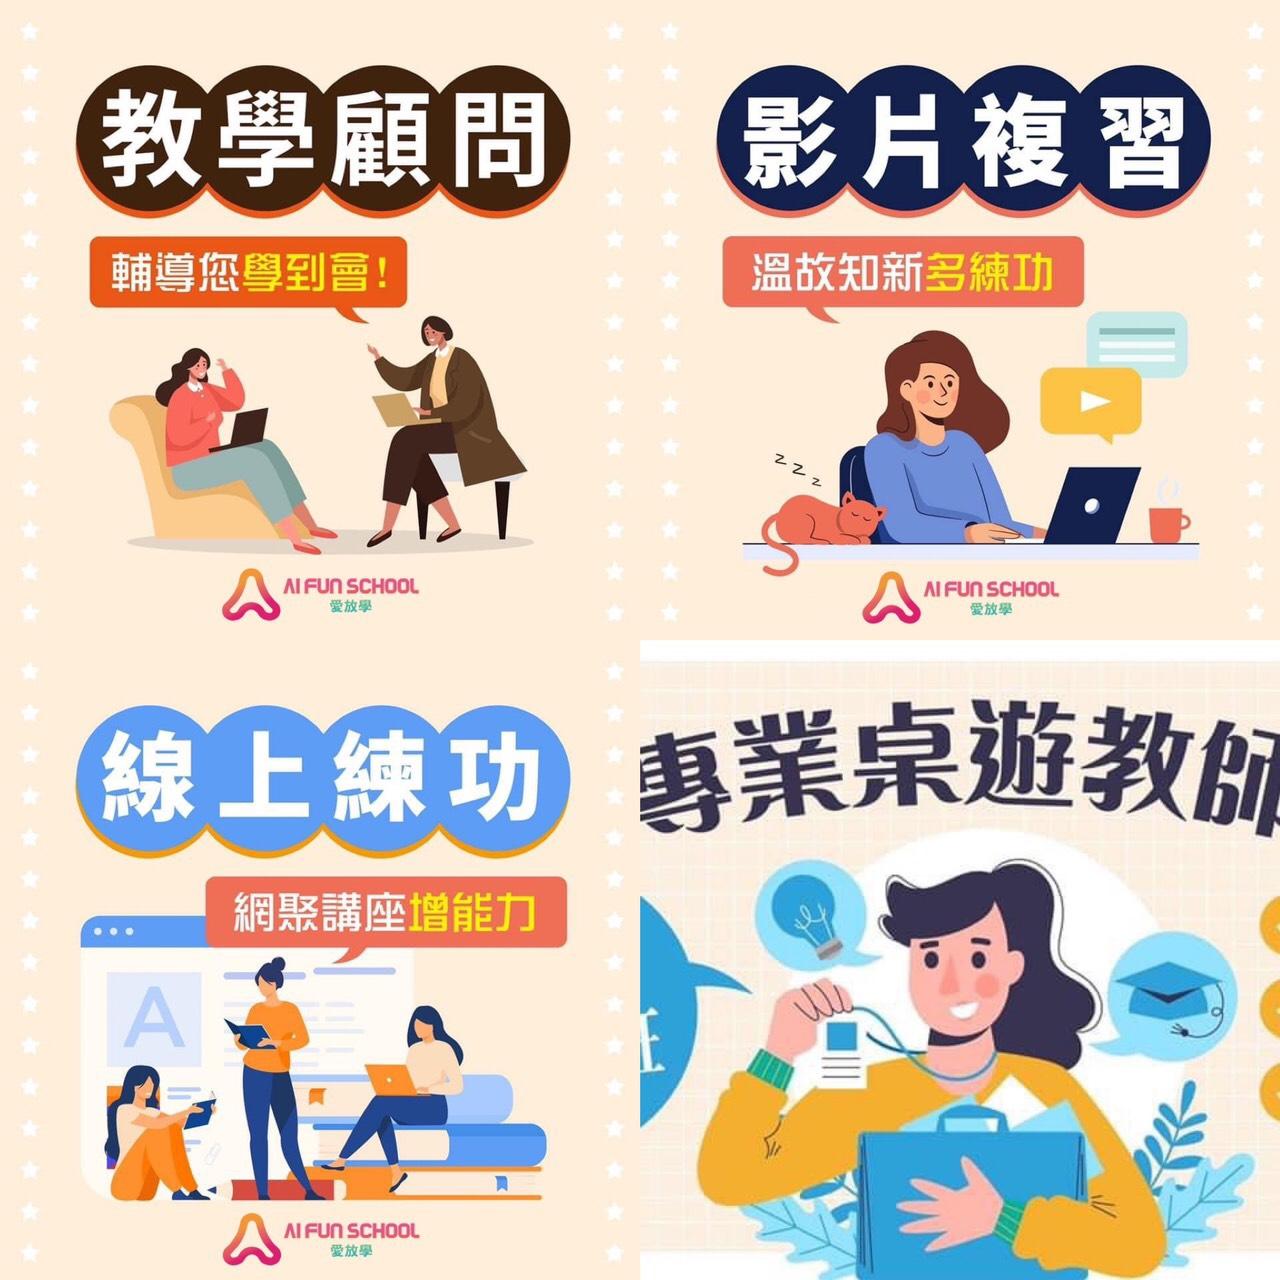 萬里遊科技「愛FUN學」平台正式上線 運用科技翻轉教育